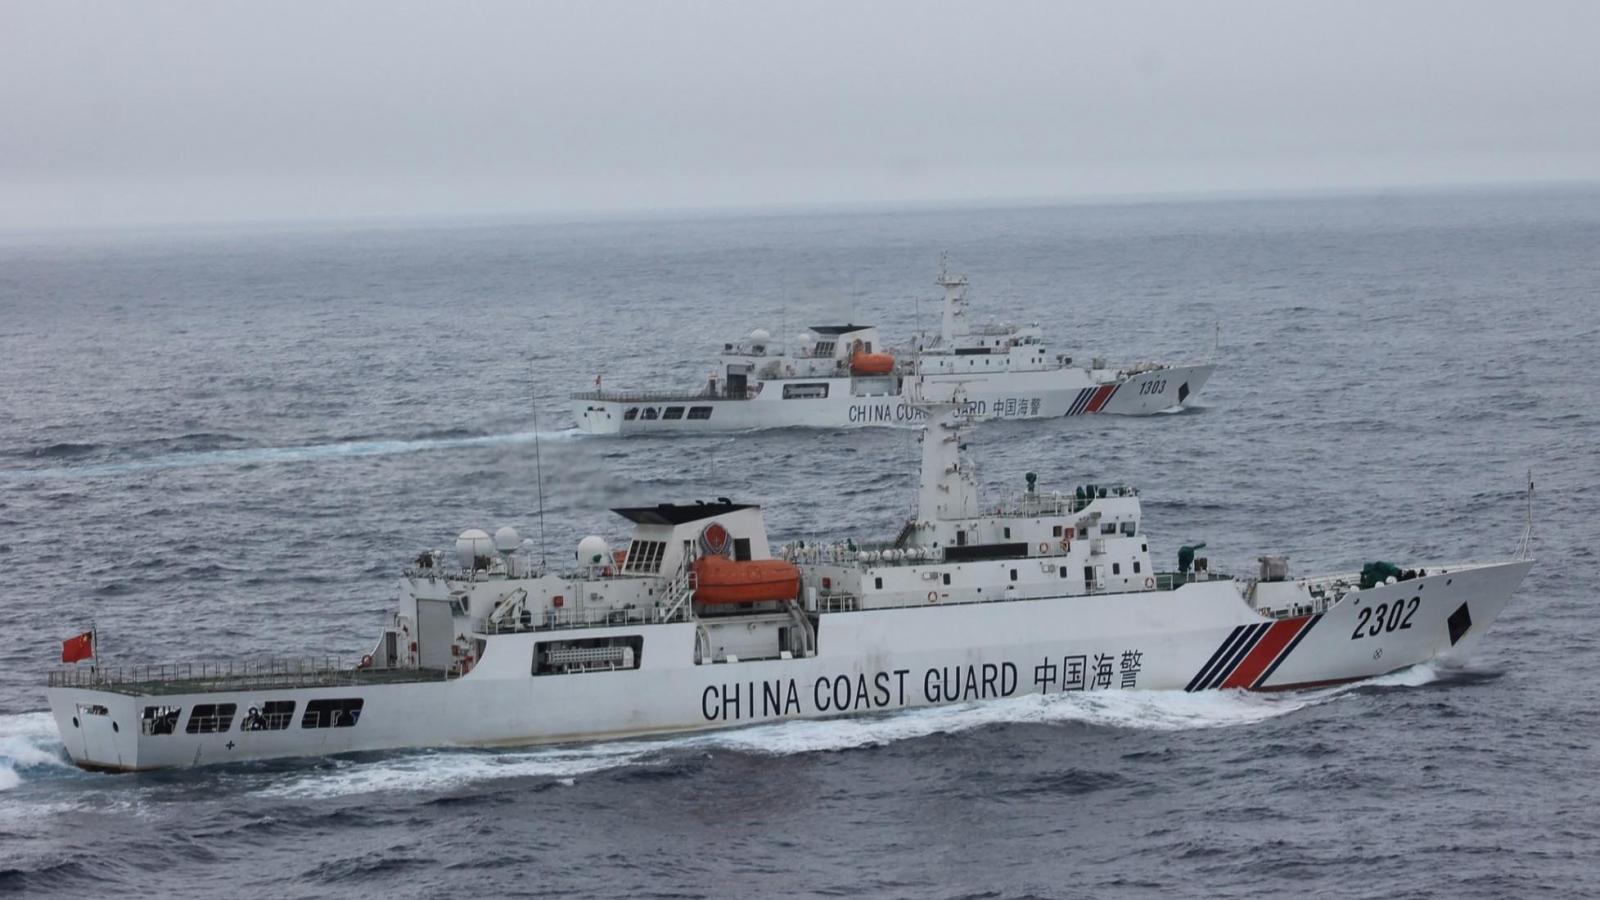 """Mỹ gọi quy định hàng hải mới của Trung Quốc ở Biển Đông là """"mối đe dọa nghiêm trọng"""""""